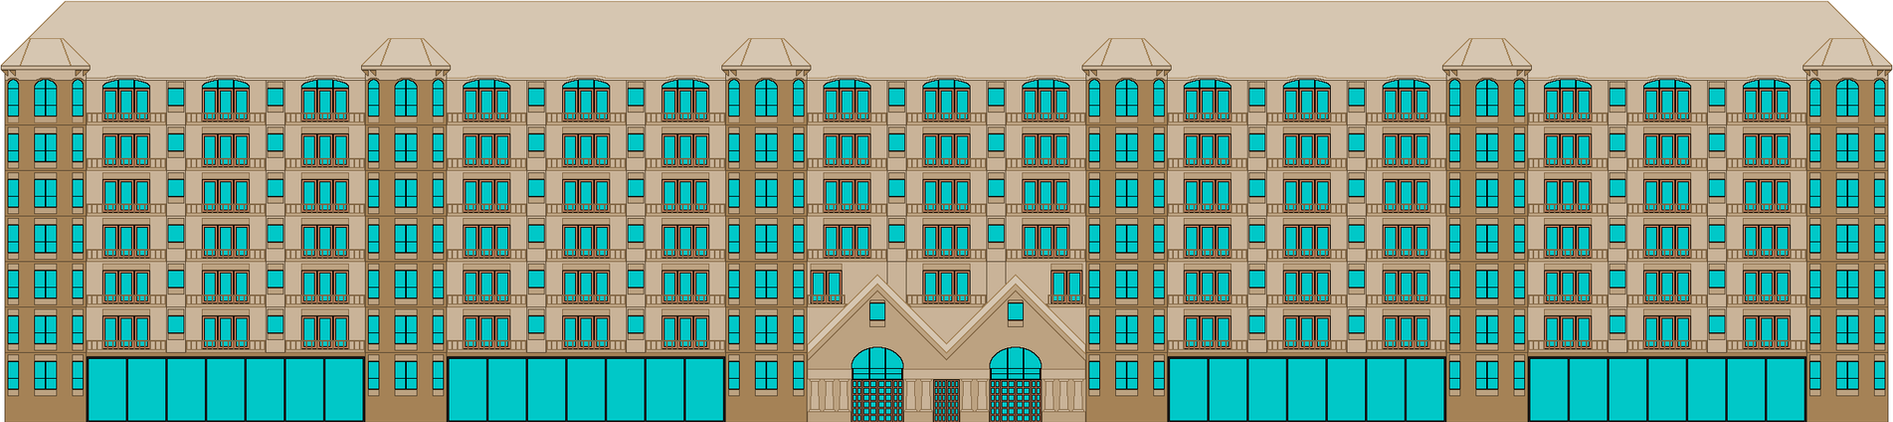 Spyderburgh Hotel by MisterPSYCHOPATH3001